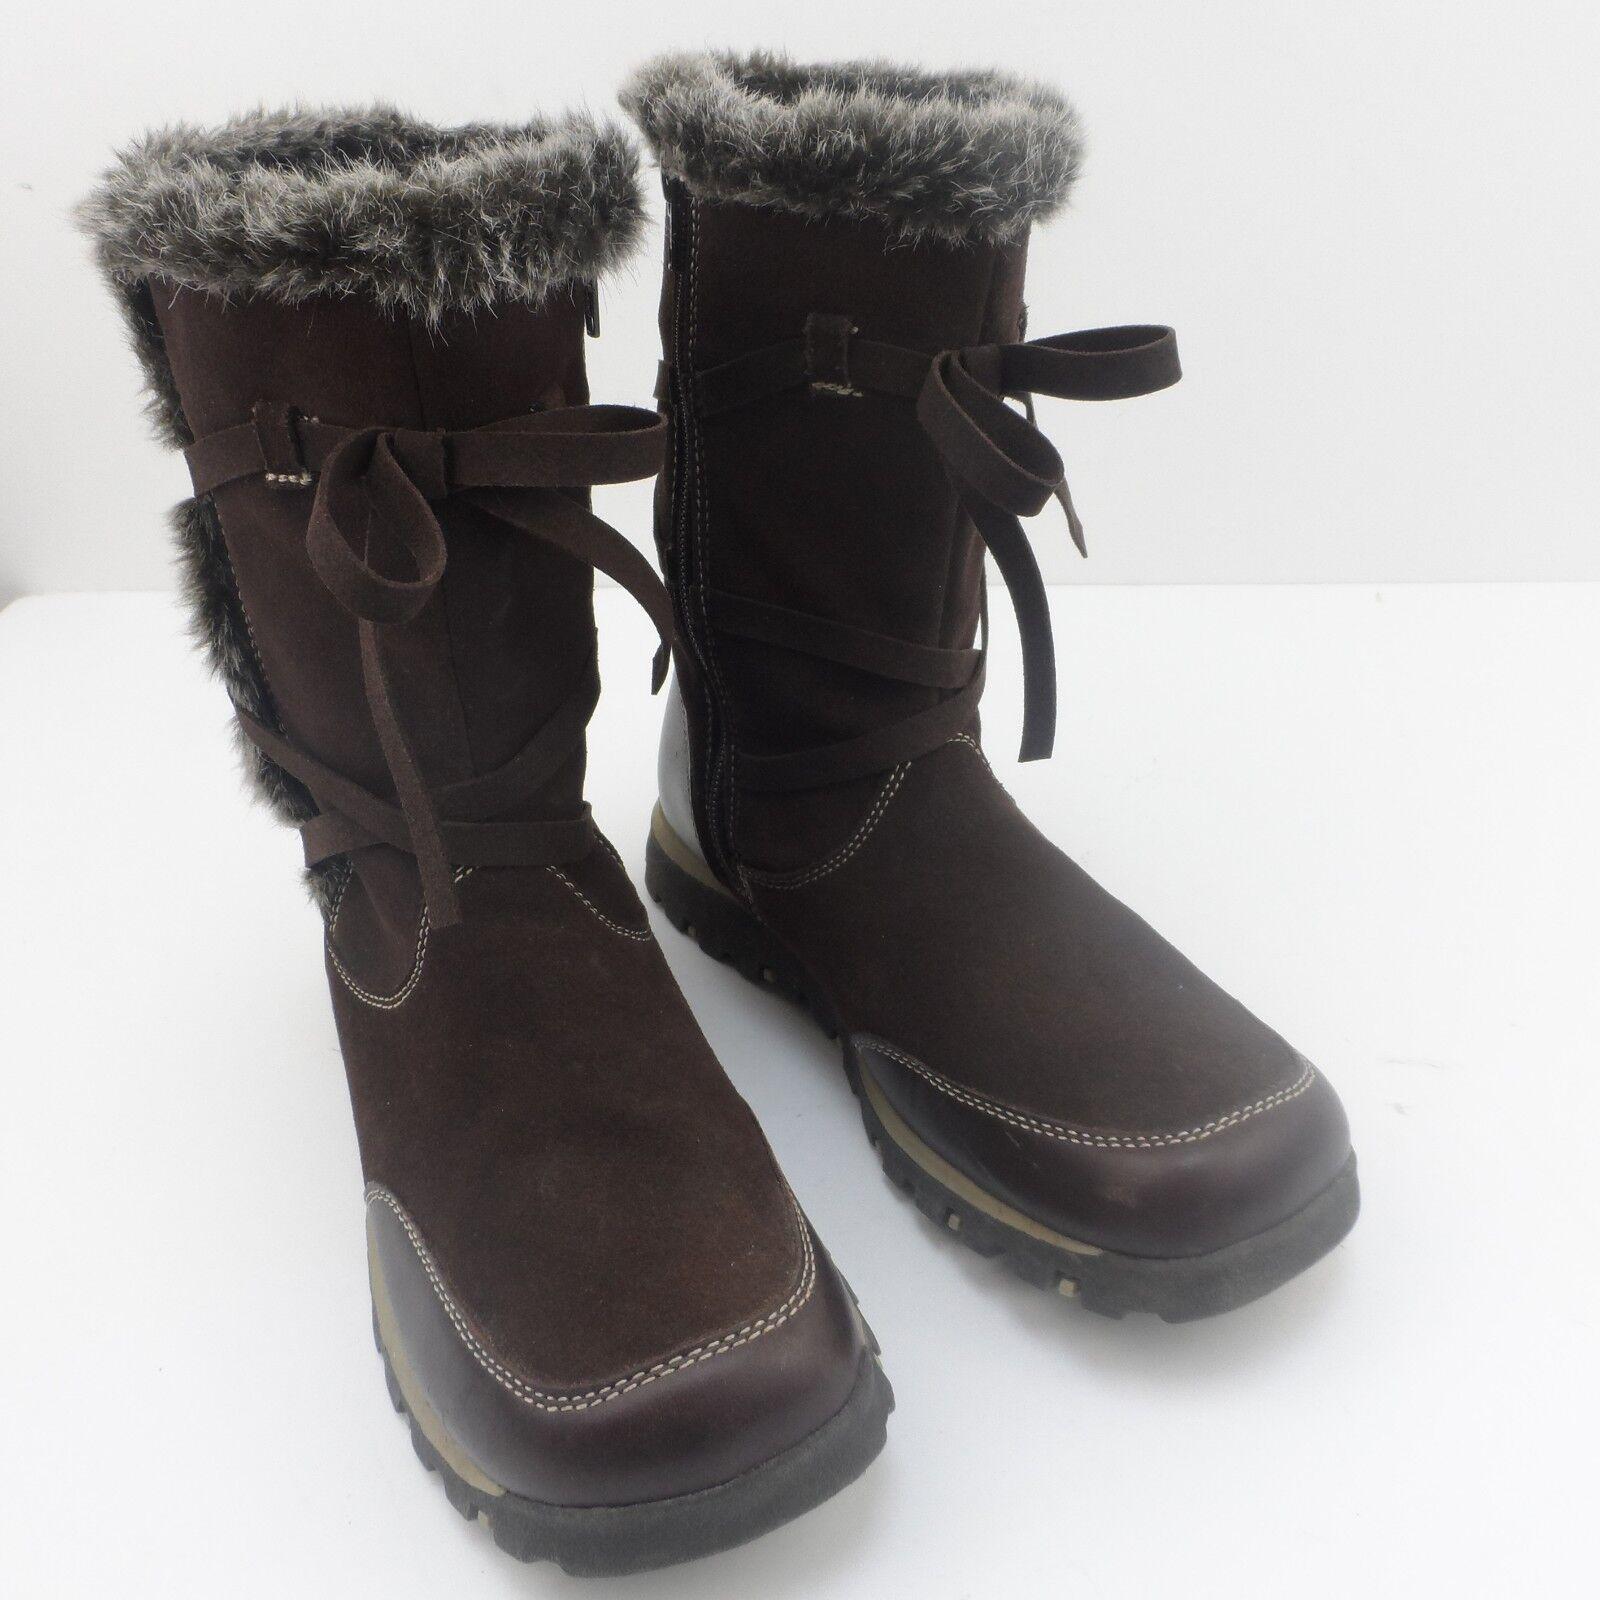 Skechers Brown Mid Calf Snow Boots Size 5 Faux Suede Faux Fur Trim